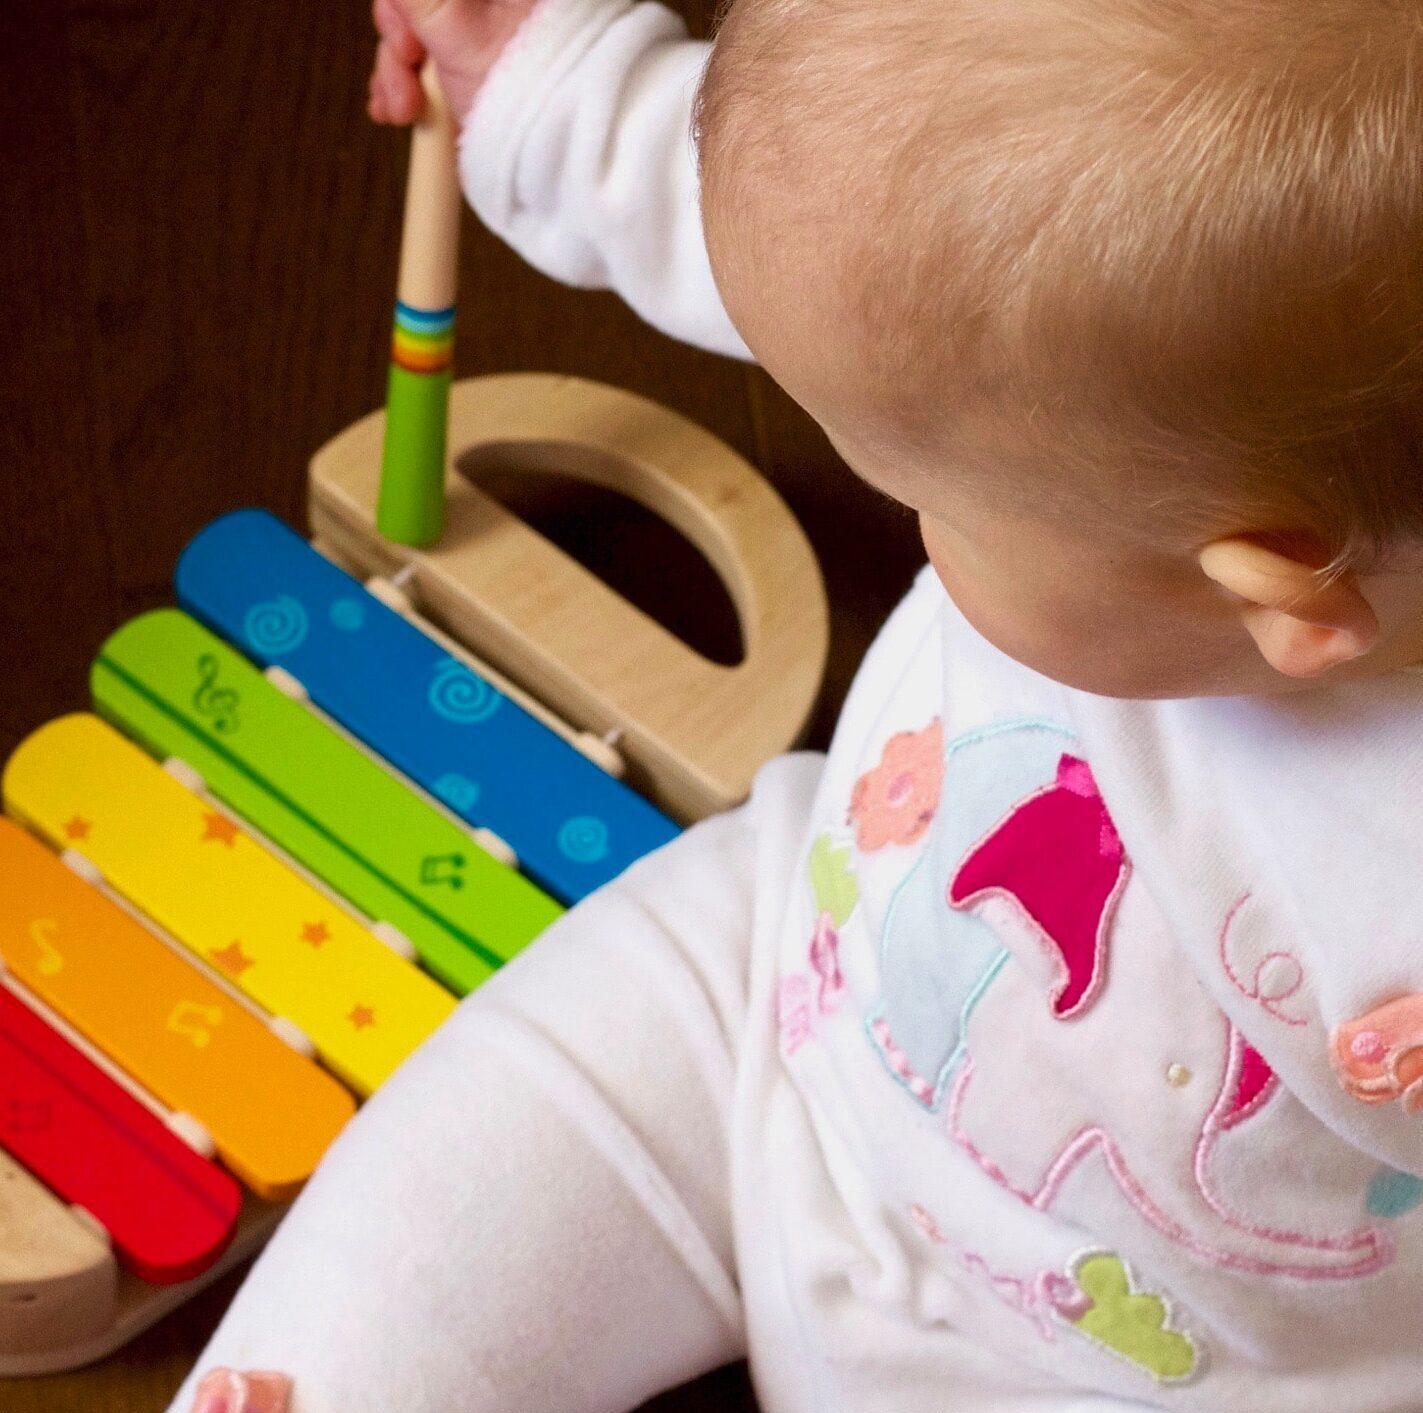 Małe dziecko z białych śpioszkach siedzi obok kolorowych cymbałków i trzyma pałeczkę do grania.